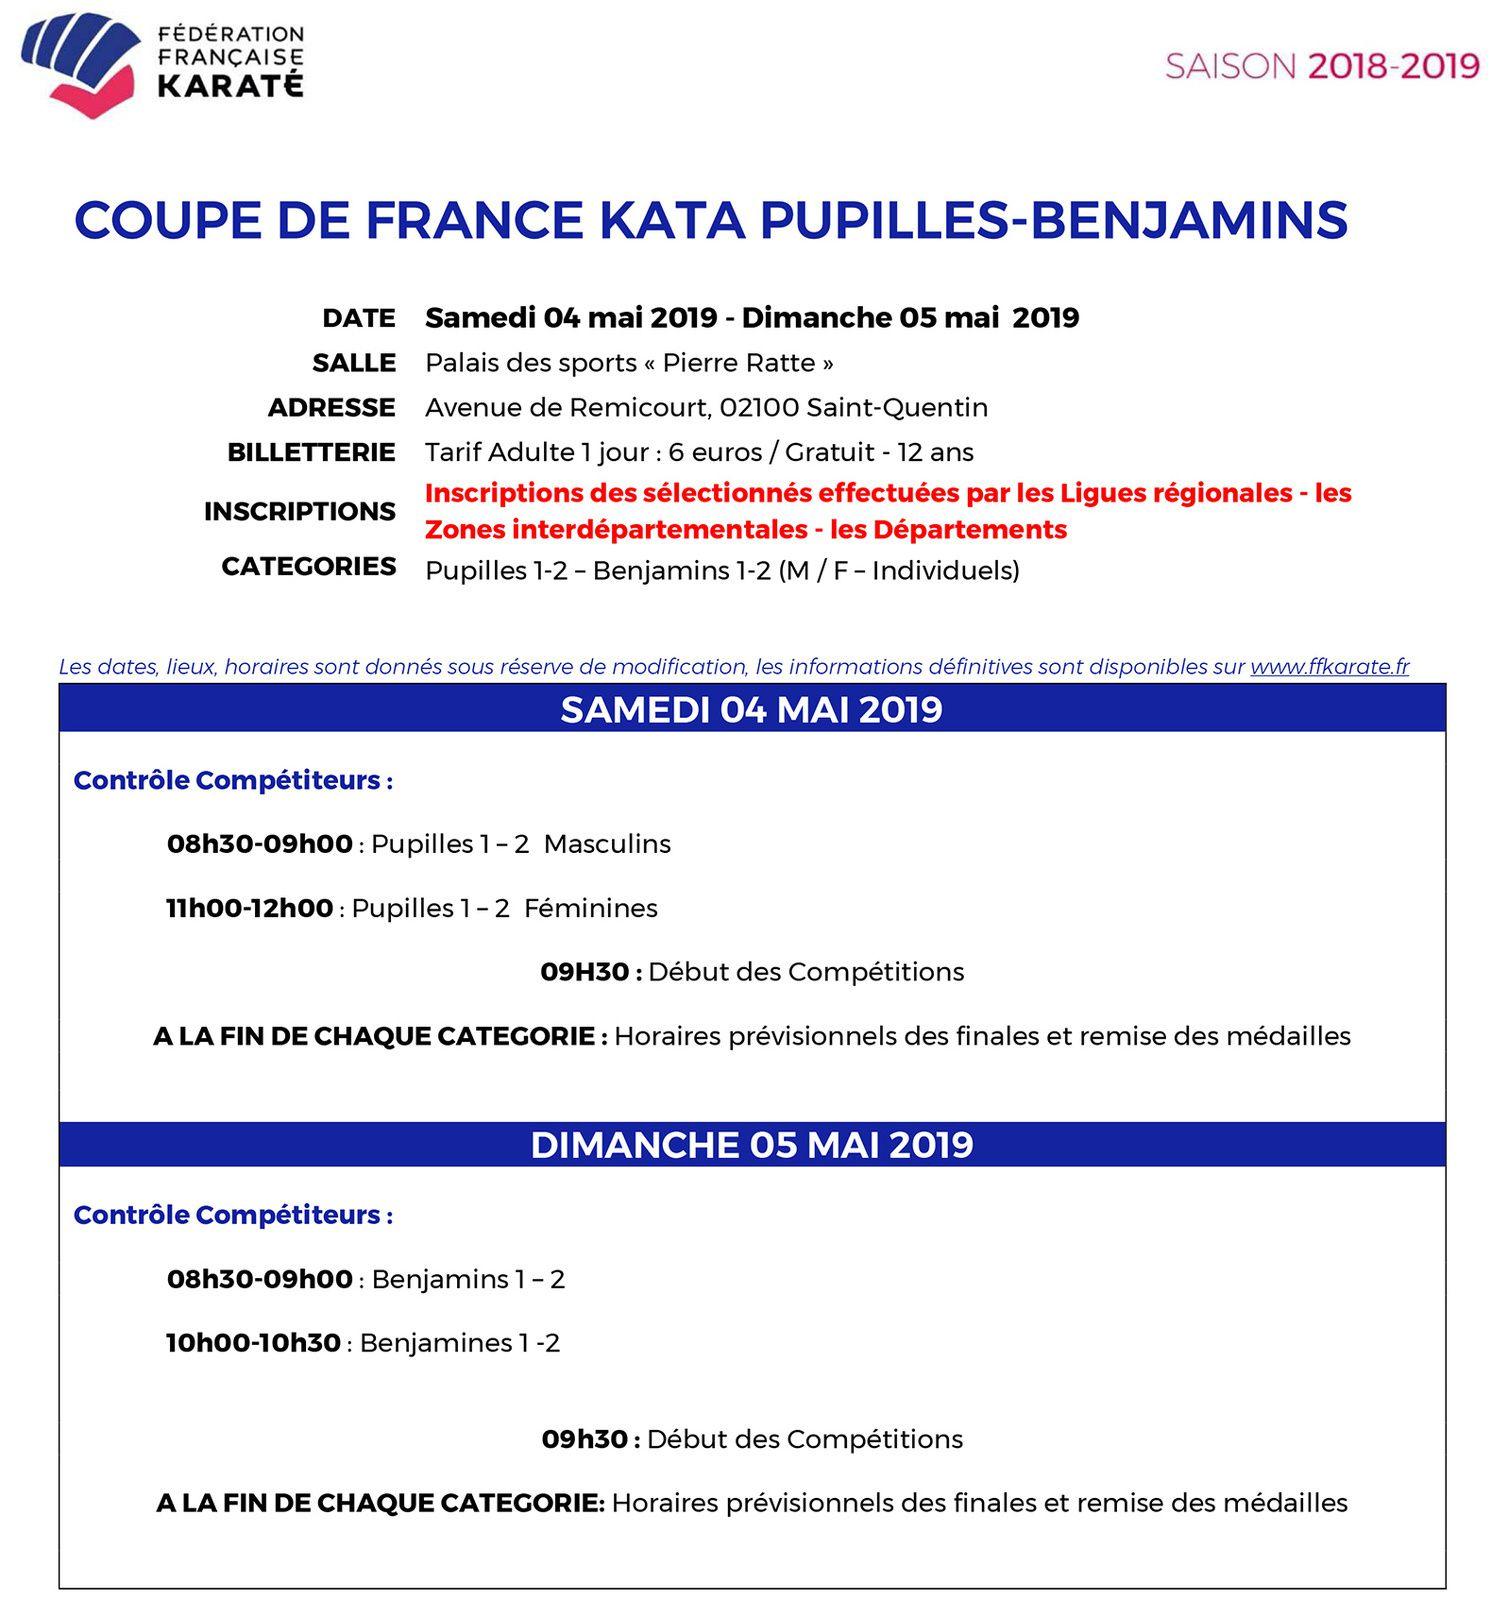 4 Clémentins en Coupe de France KATA